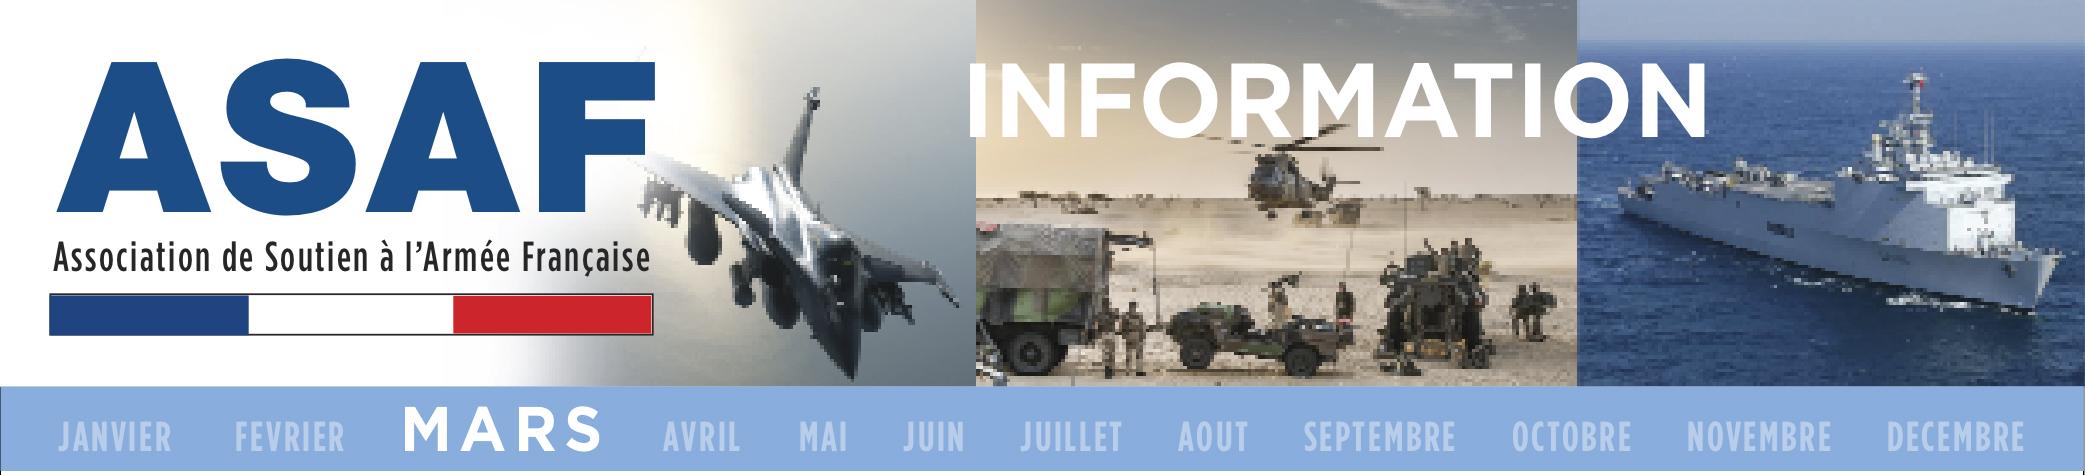 Information Mars